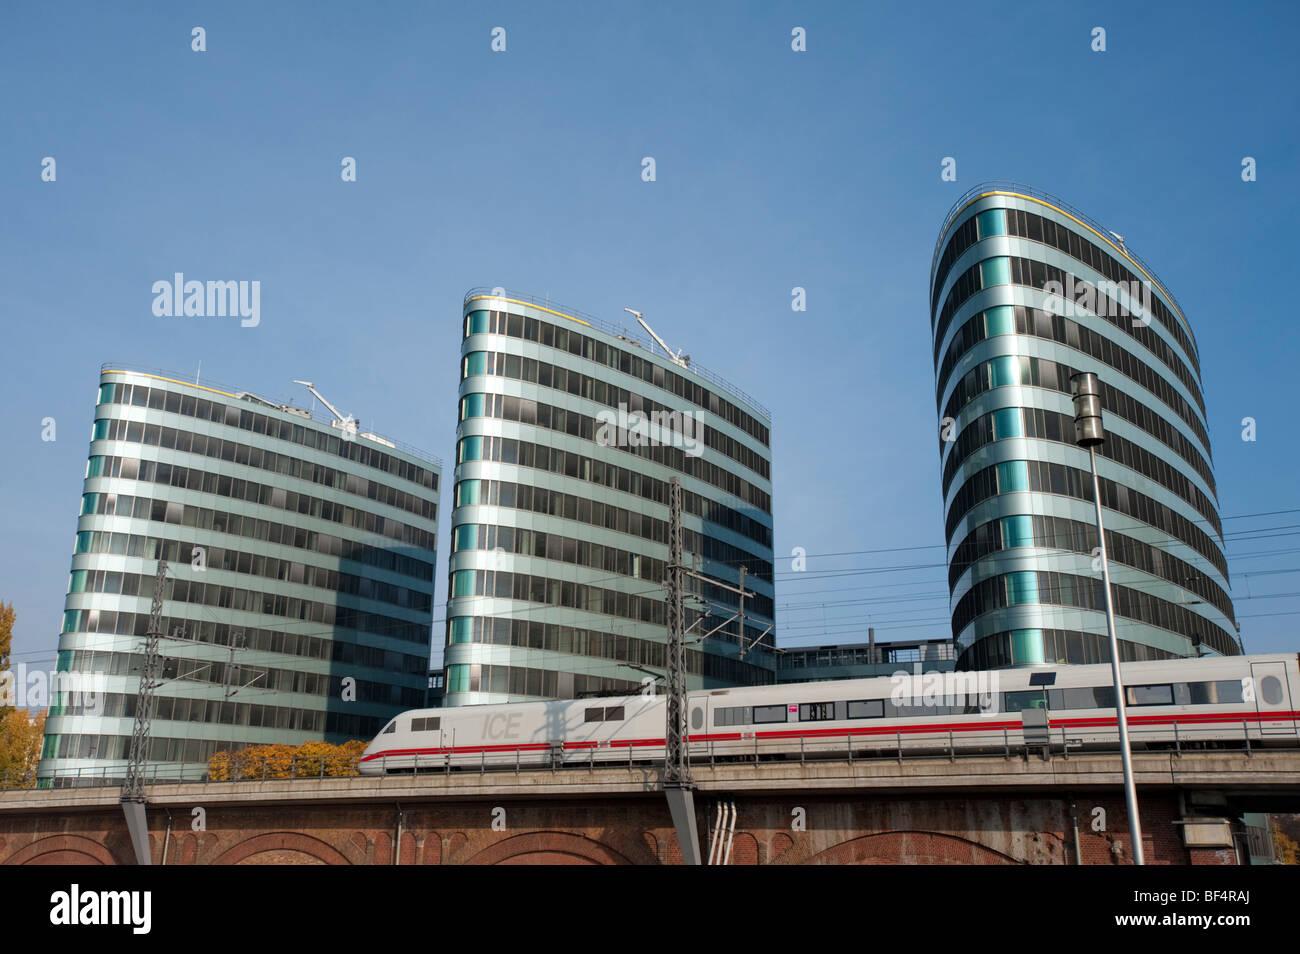 TRIAS, edificios de oficinas y de tren en el centro de Berlín, Alemania Imagen De Stock